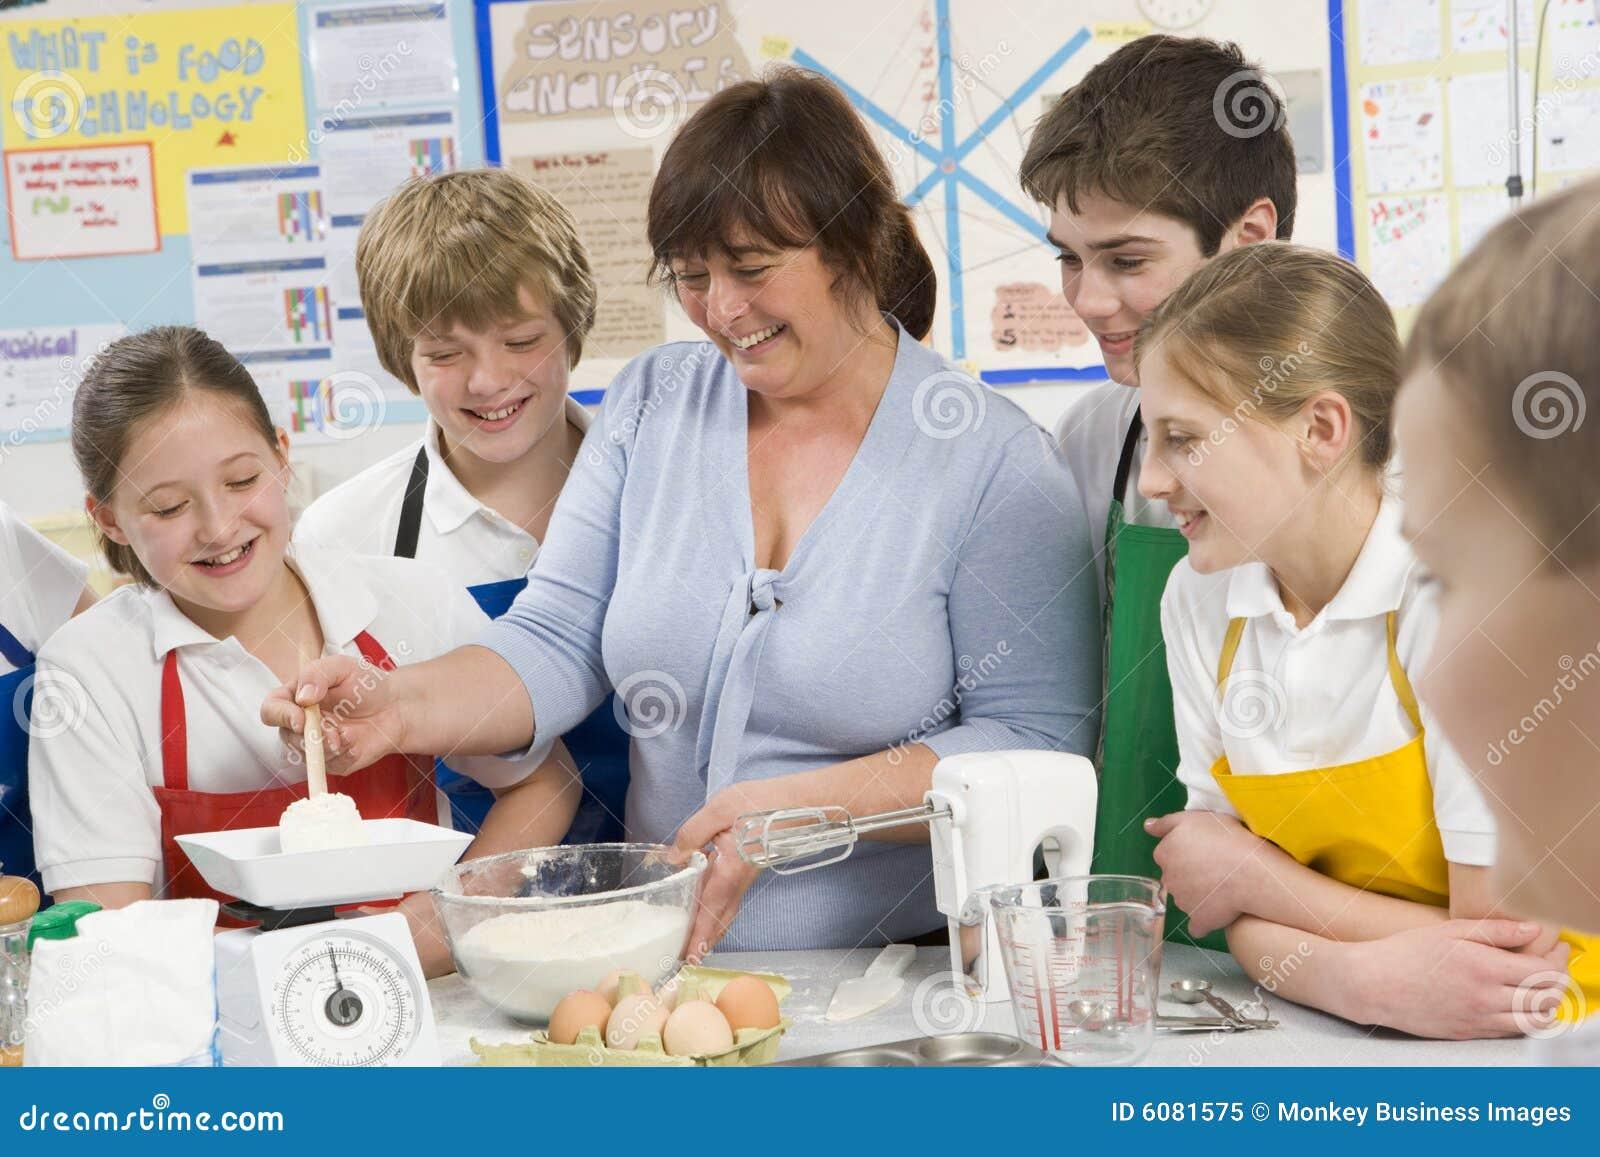 Class cooking schoolchildren teacher